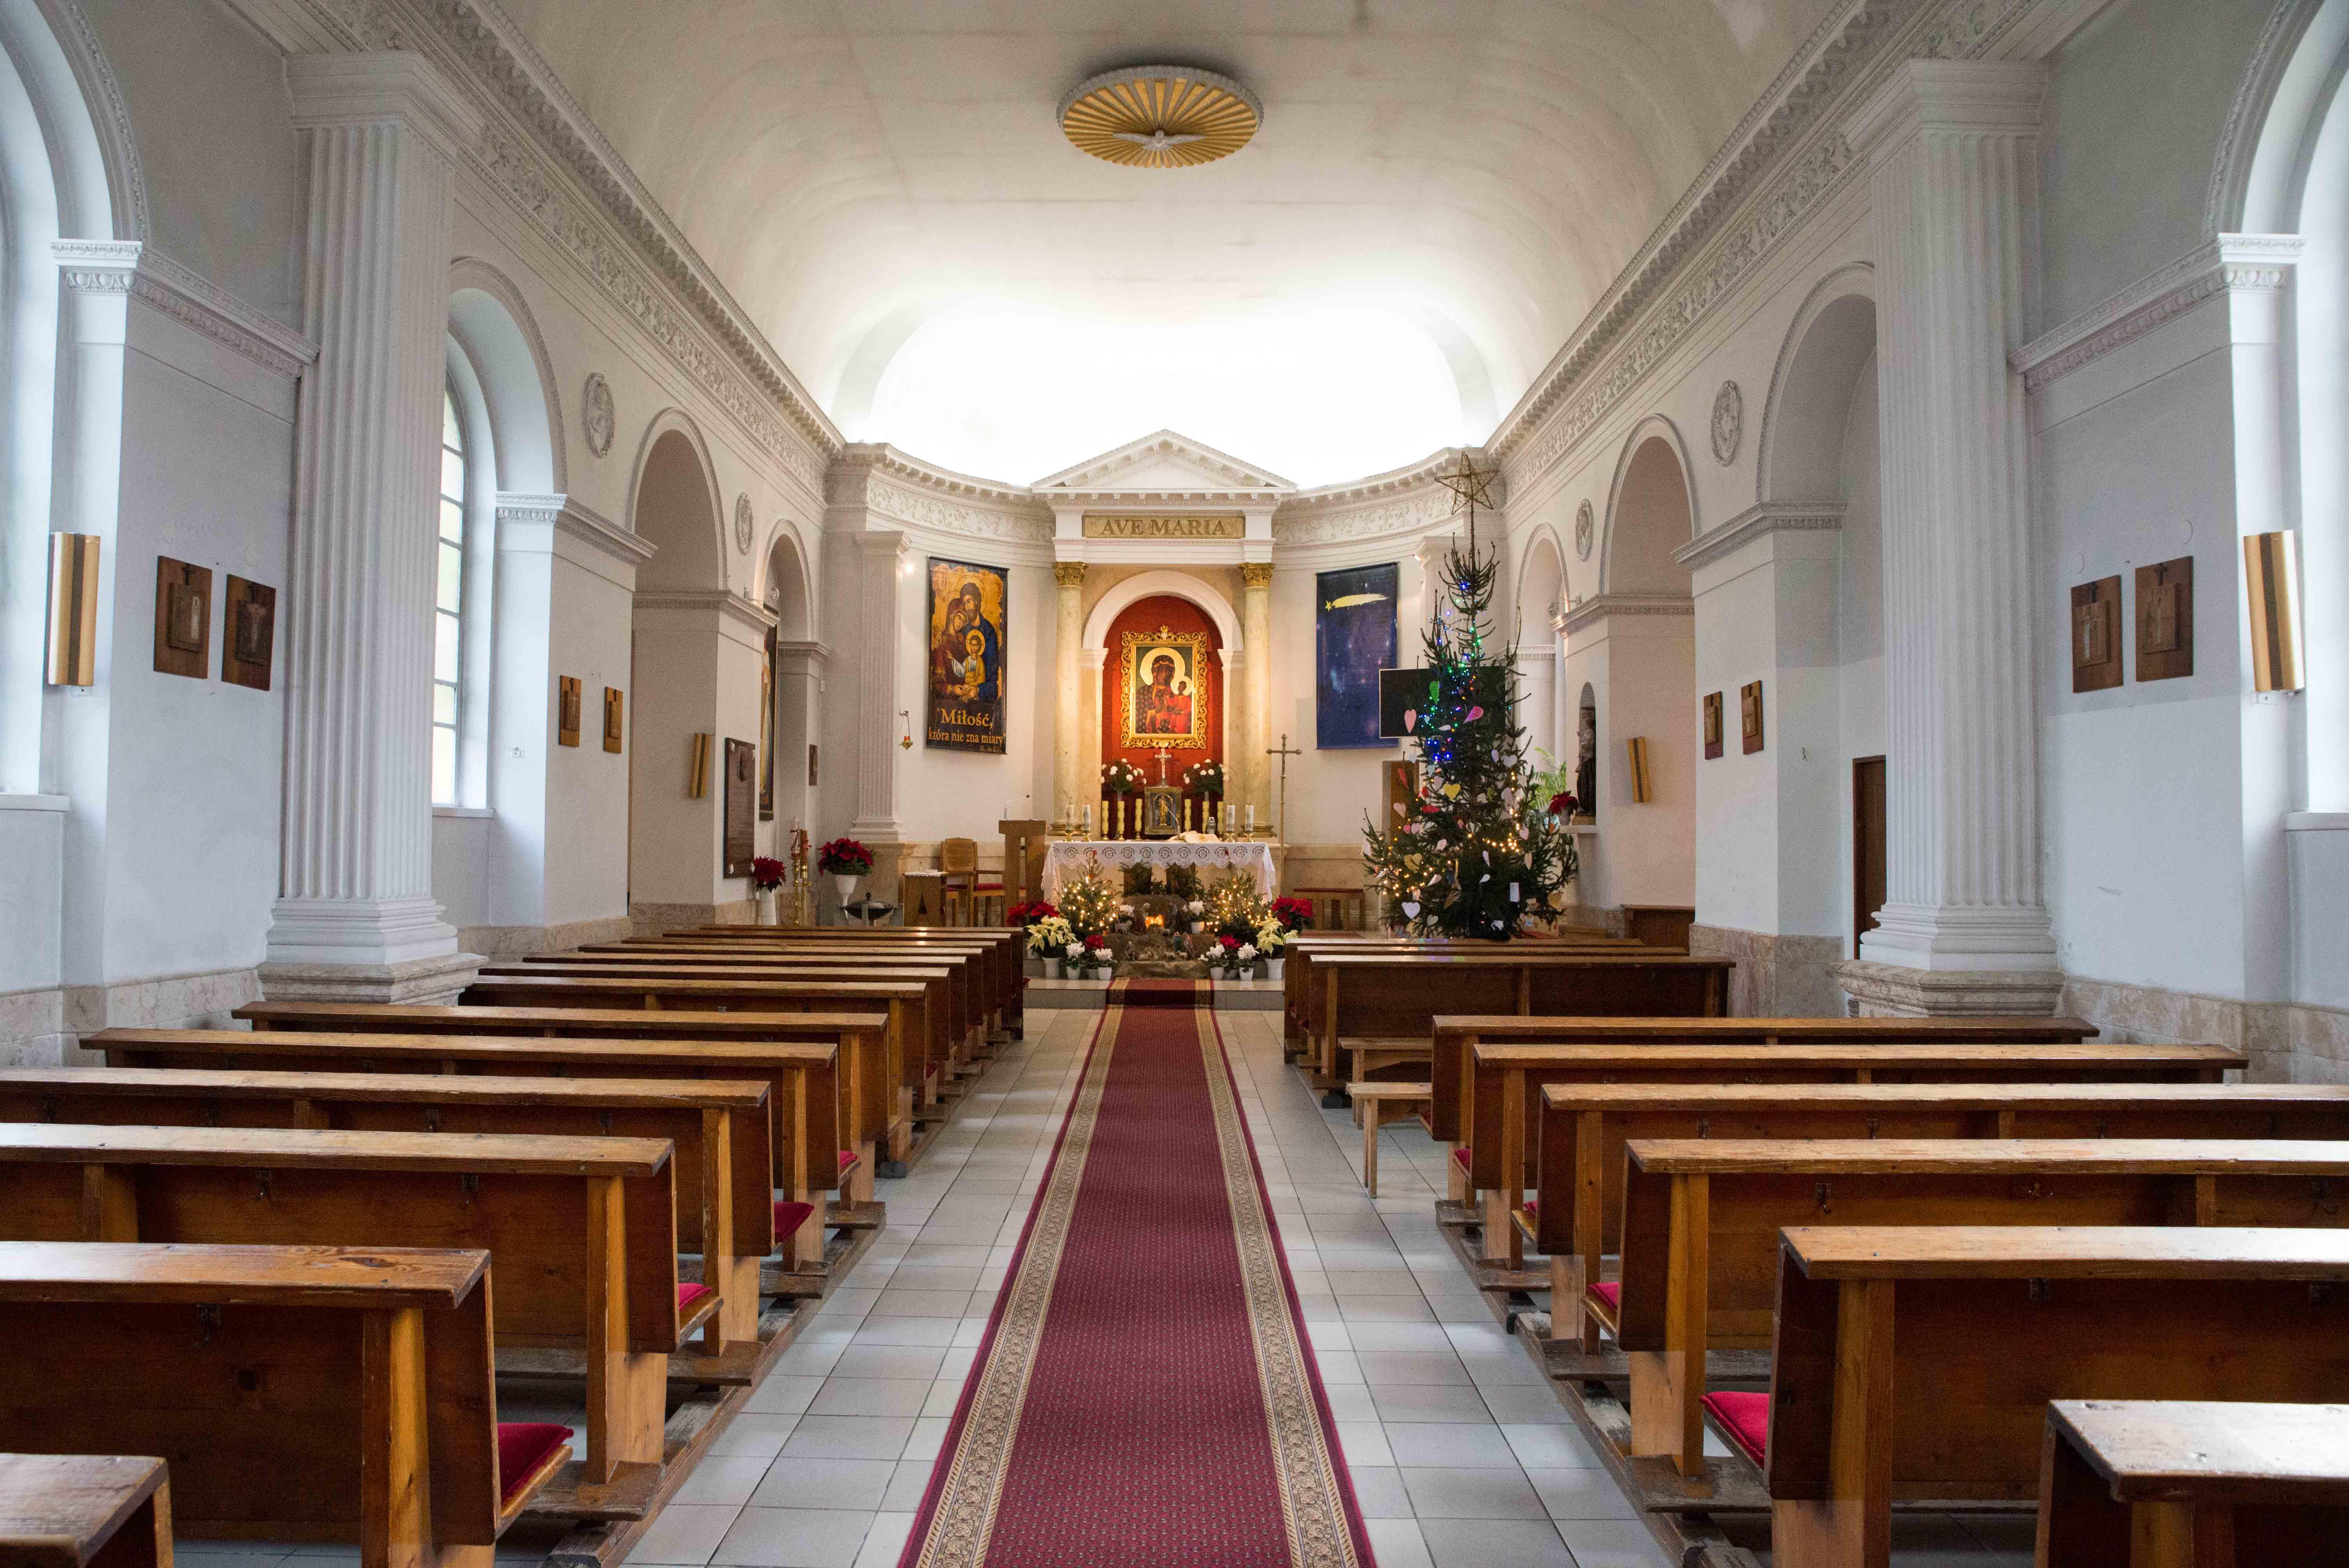 Kosciol Najswietszej Maryi Panny Czestochowskiej we Wroclawiu male (1)